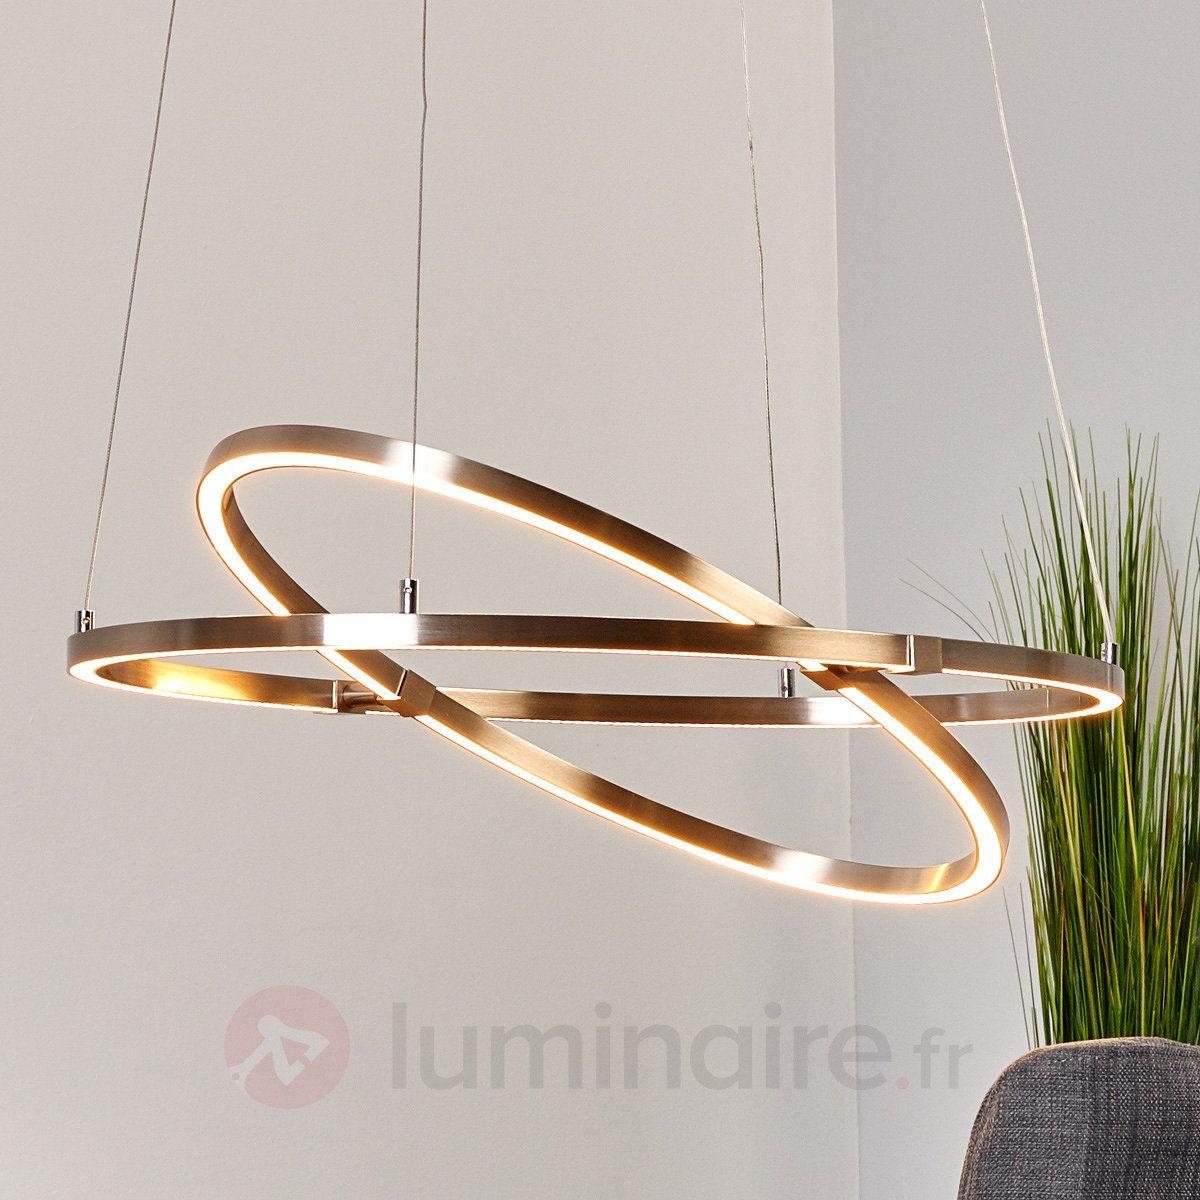 suspension led esth tique vienne luminaires lamp light. Black Bedroom Furniture Sets. Home Design Ideas